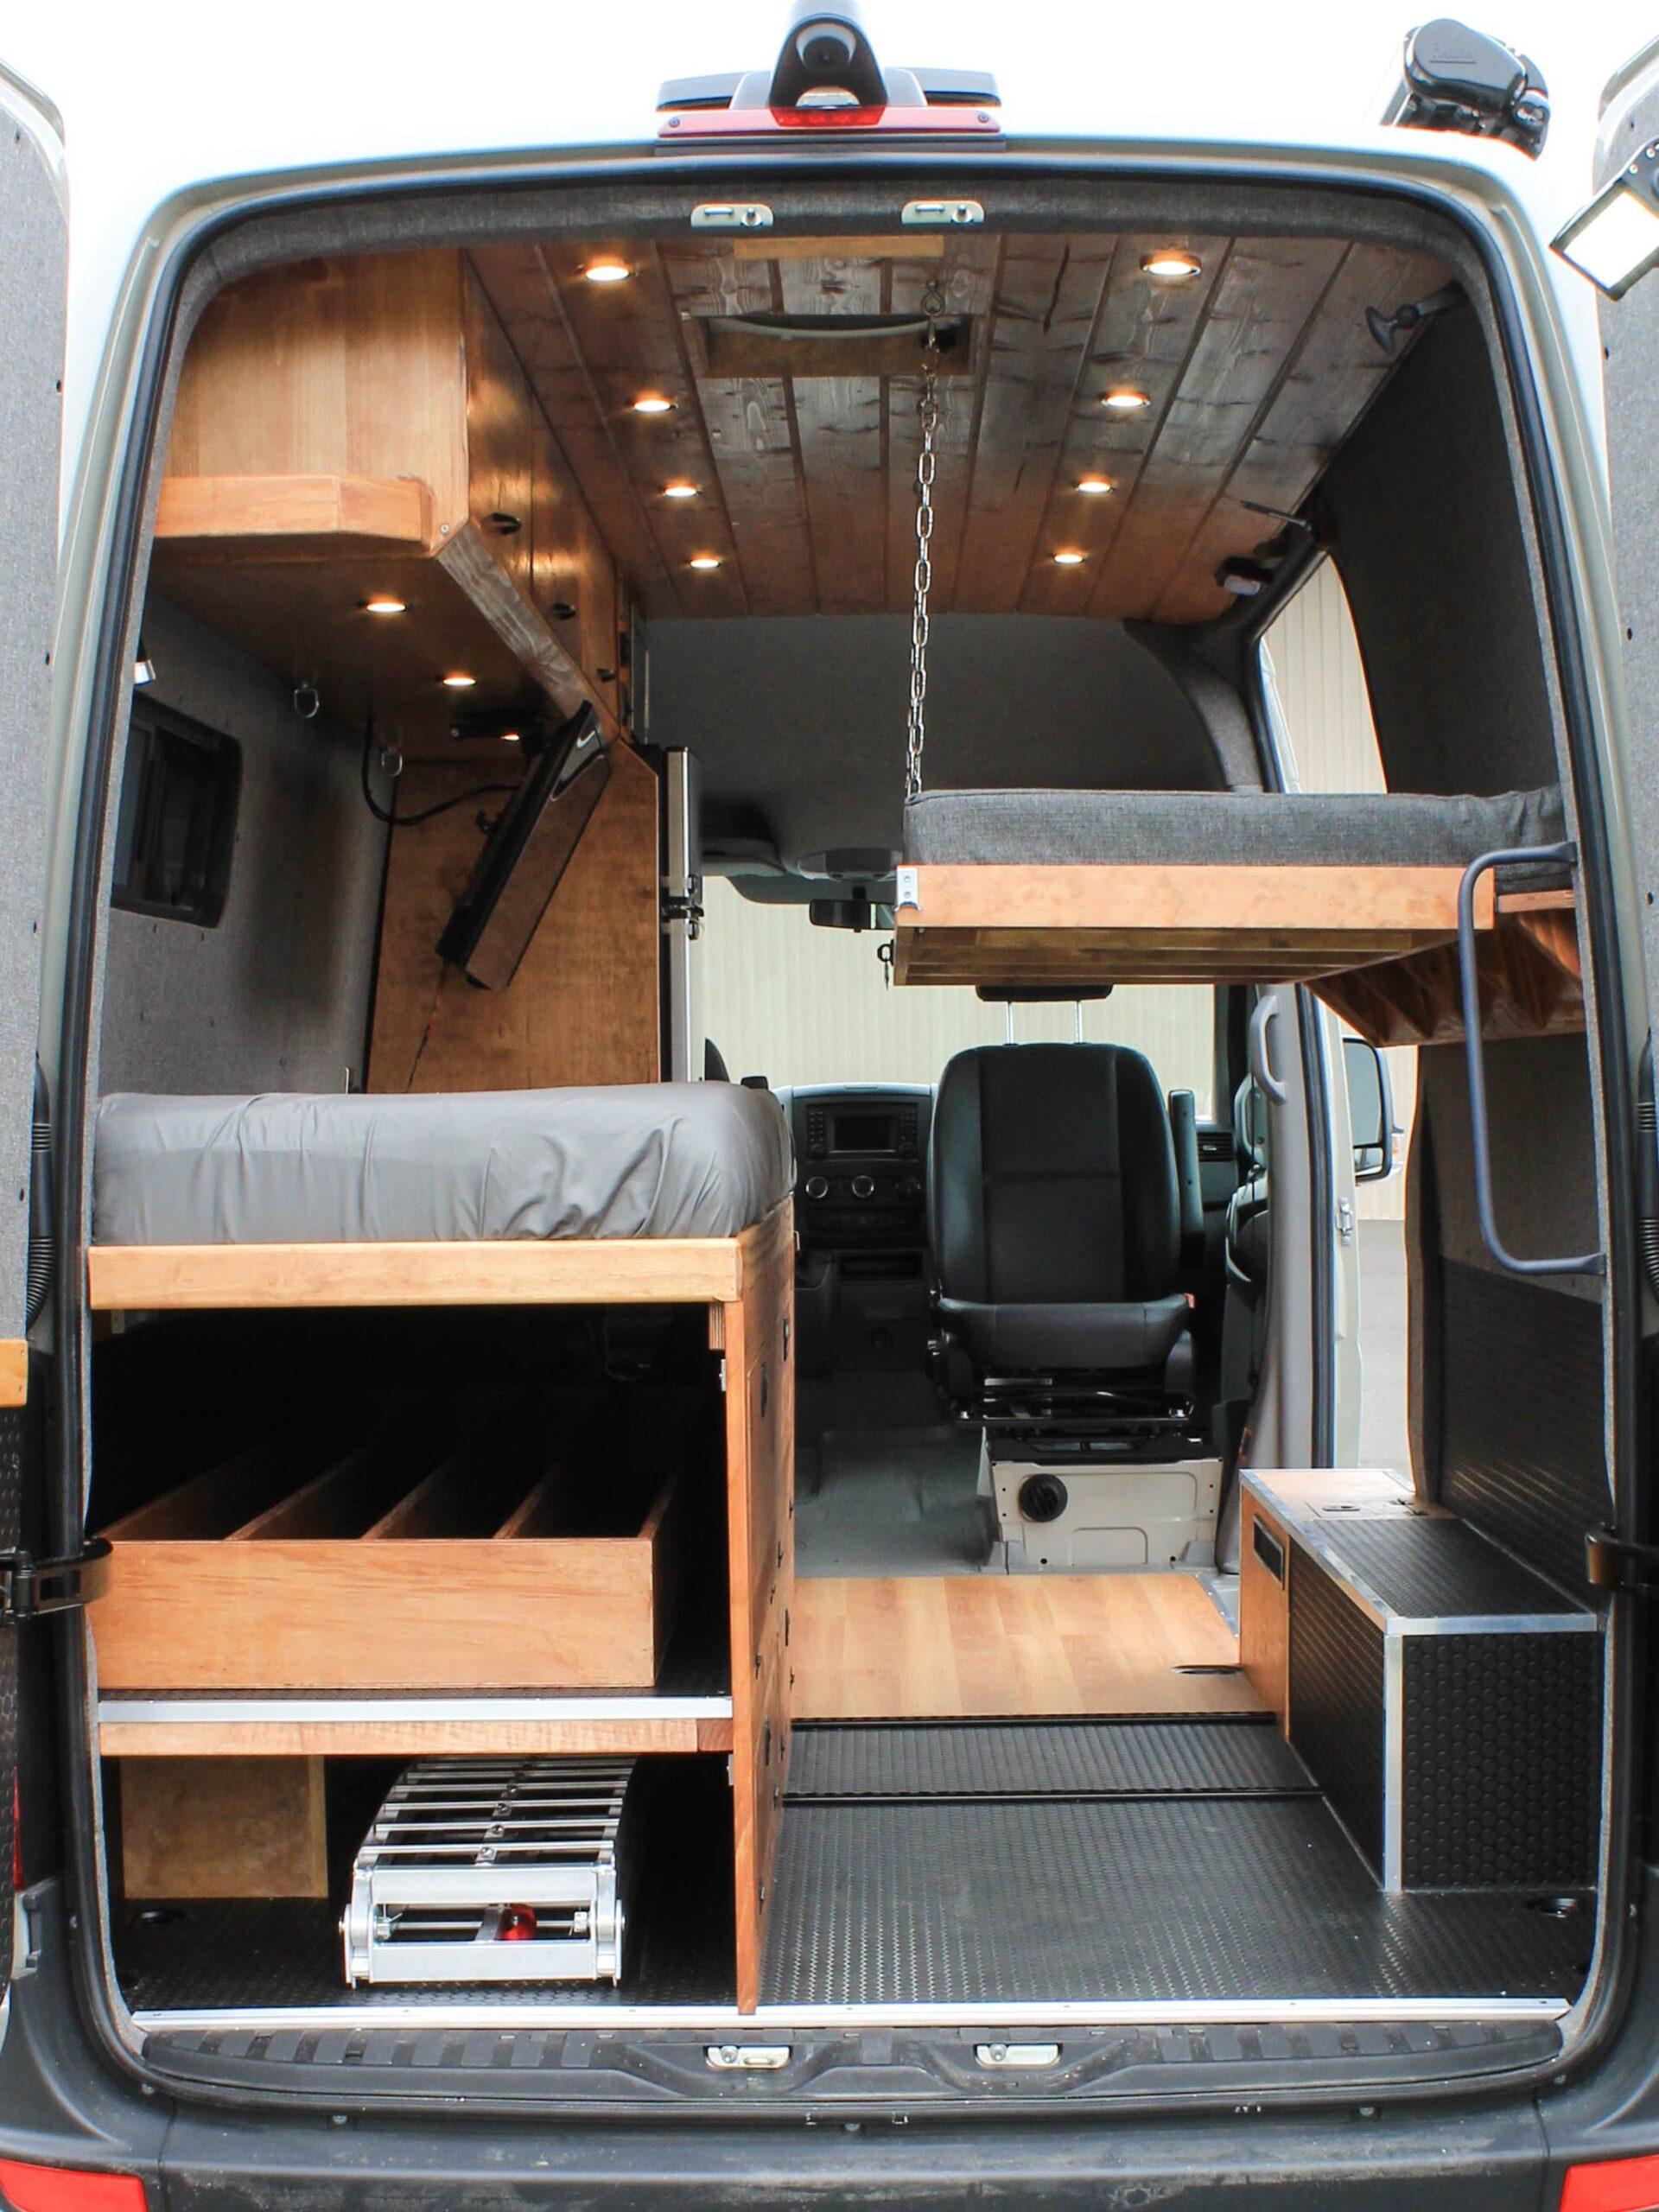 Full Size of Ausziehbett Camper Graystone Sprinter Conversion Umbau Bett Mit Wohnzimmer Ausziehbett Camper